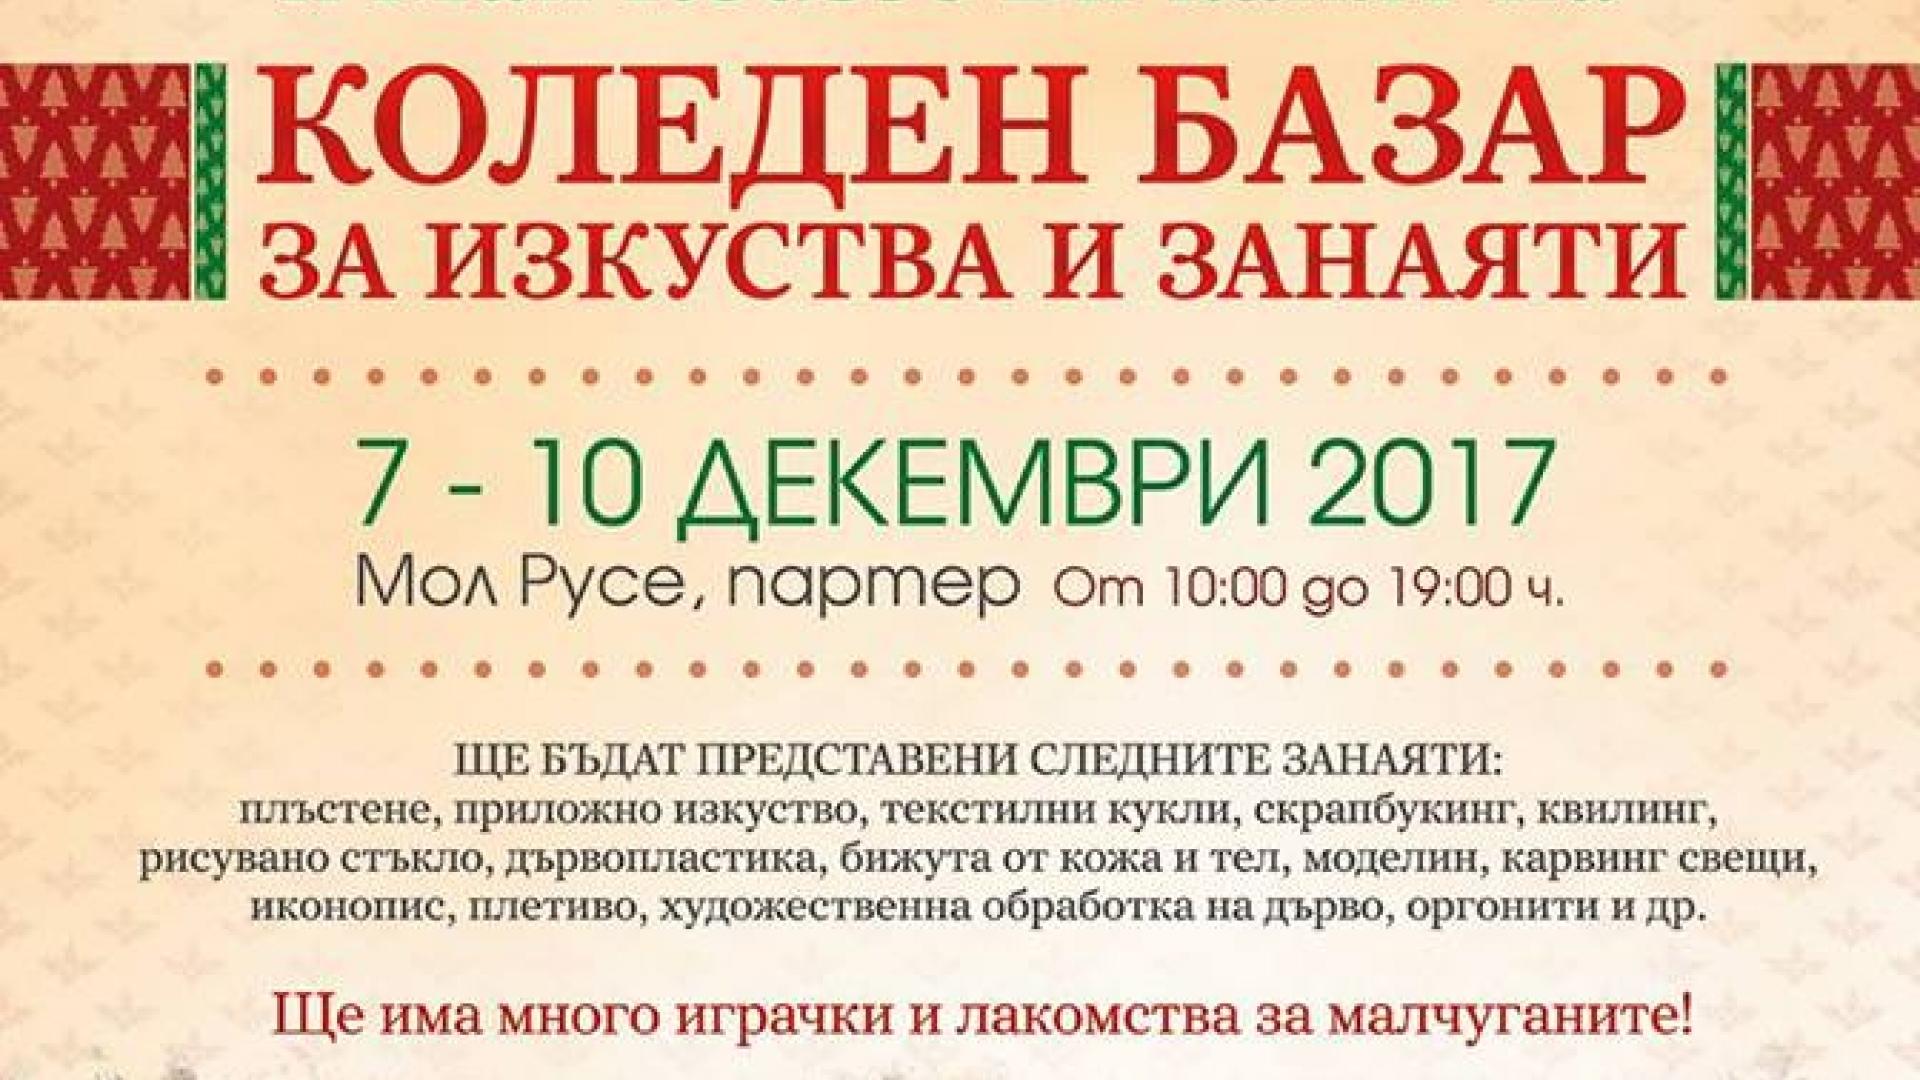 7 - 10 декември 2017 - Коледен базар за изкуства и занаяти